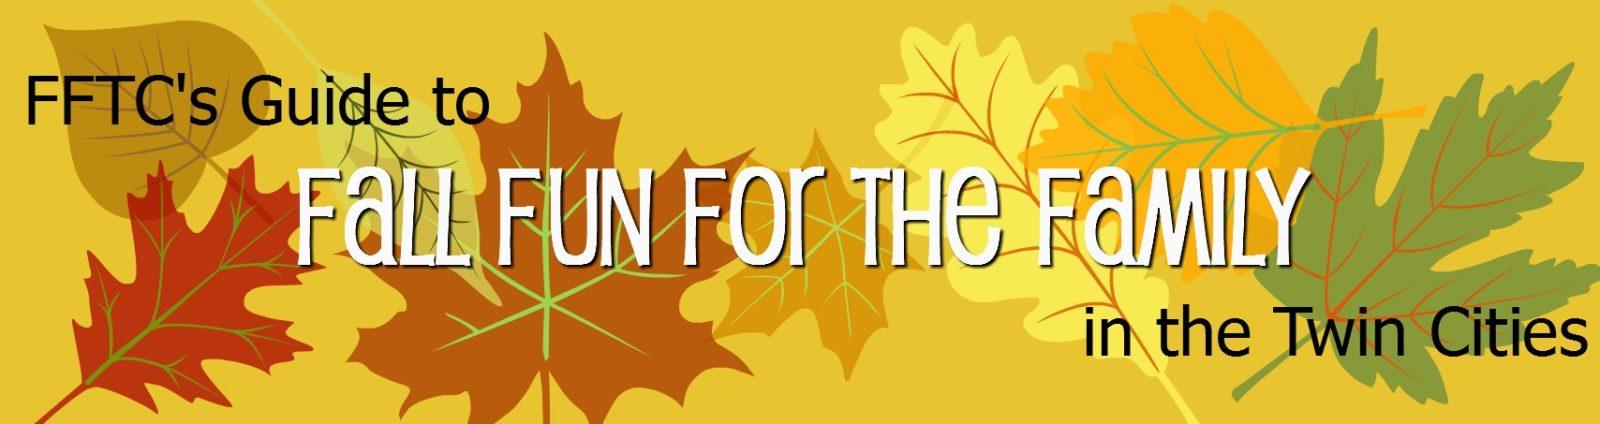 FFTC\u0027s Guide to Fall Fun in the Twin Cities - Family Fun Twin Cities